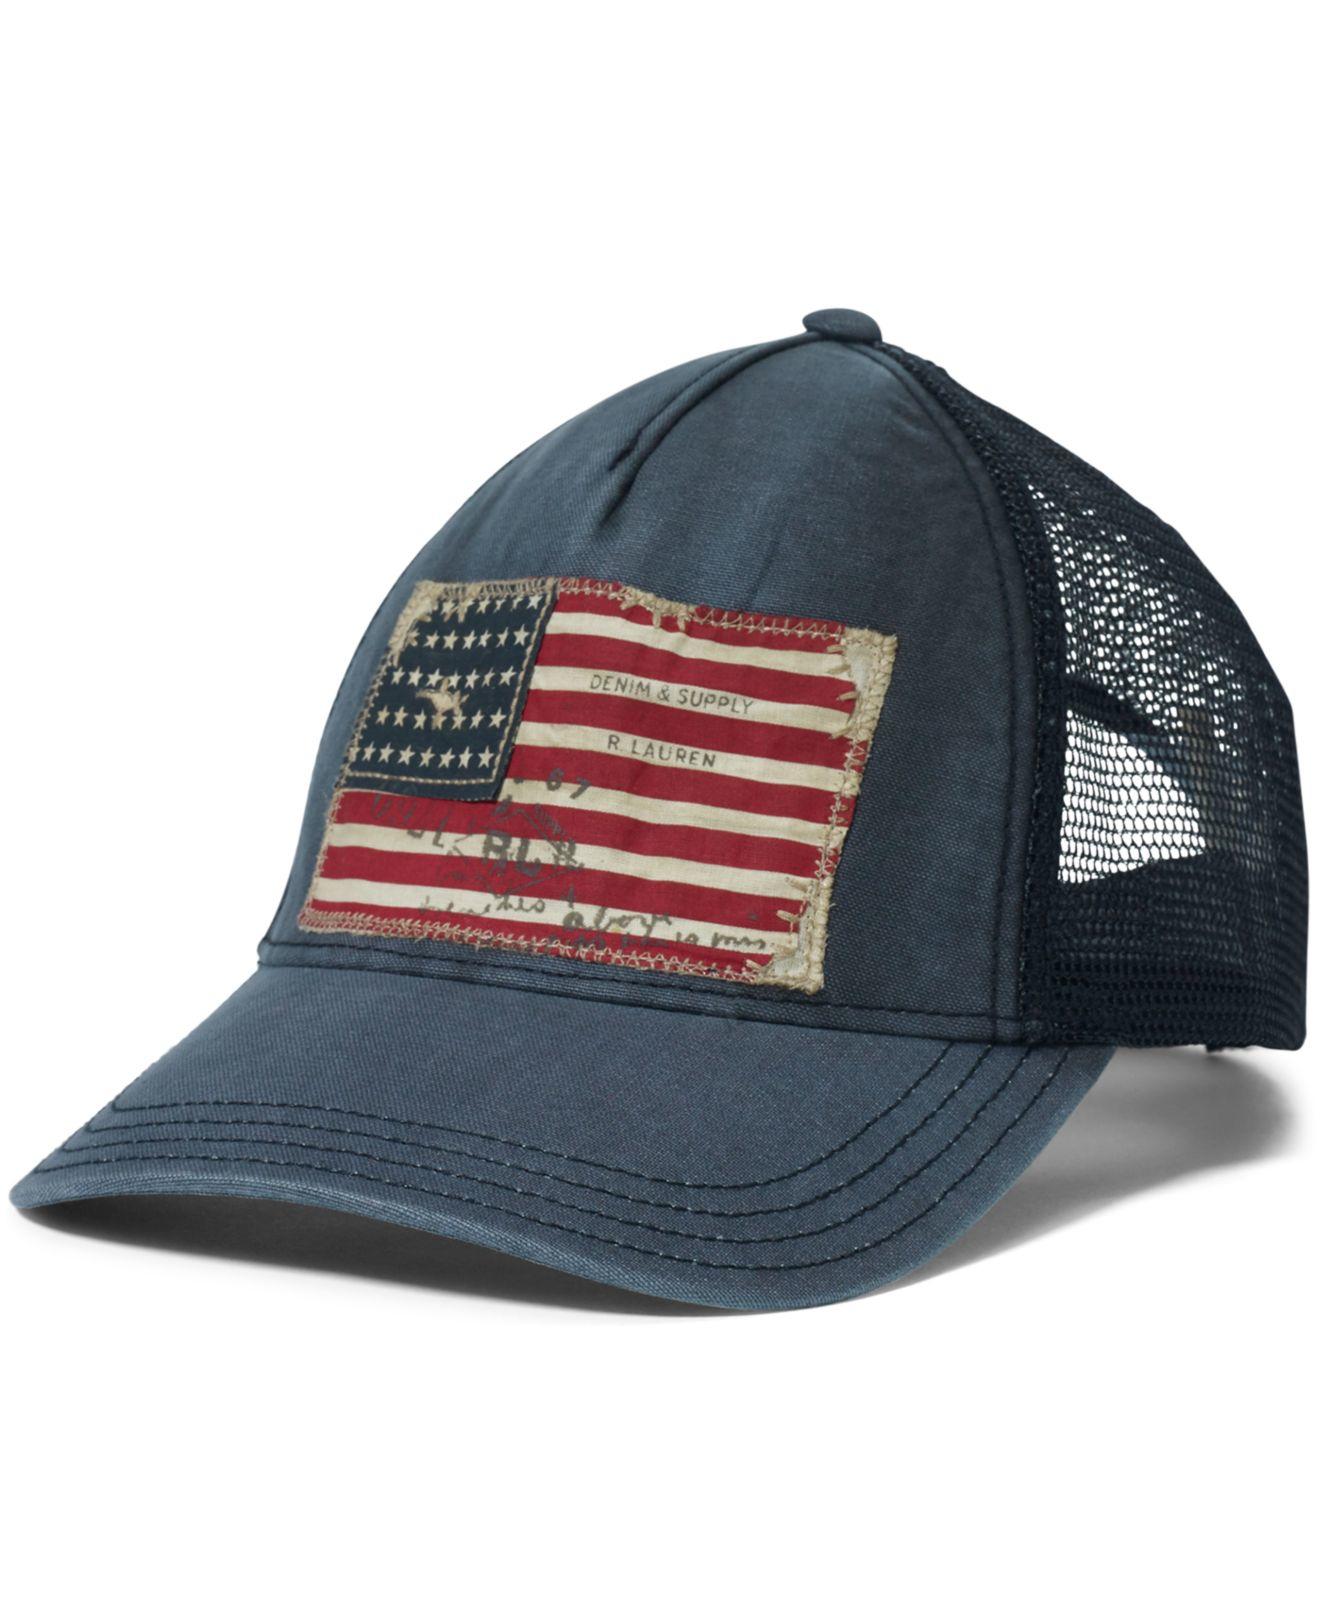 Lyst - Denim   Supply Ralph Lauren Flag Chino Trucker Hat in Blue ... a4709fd243f